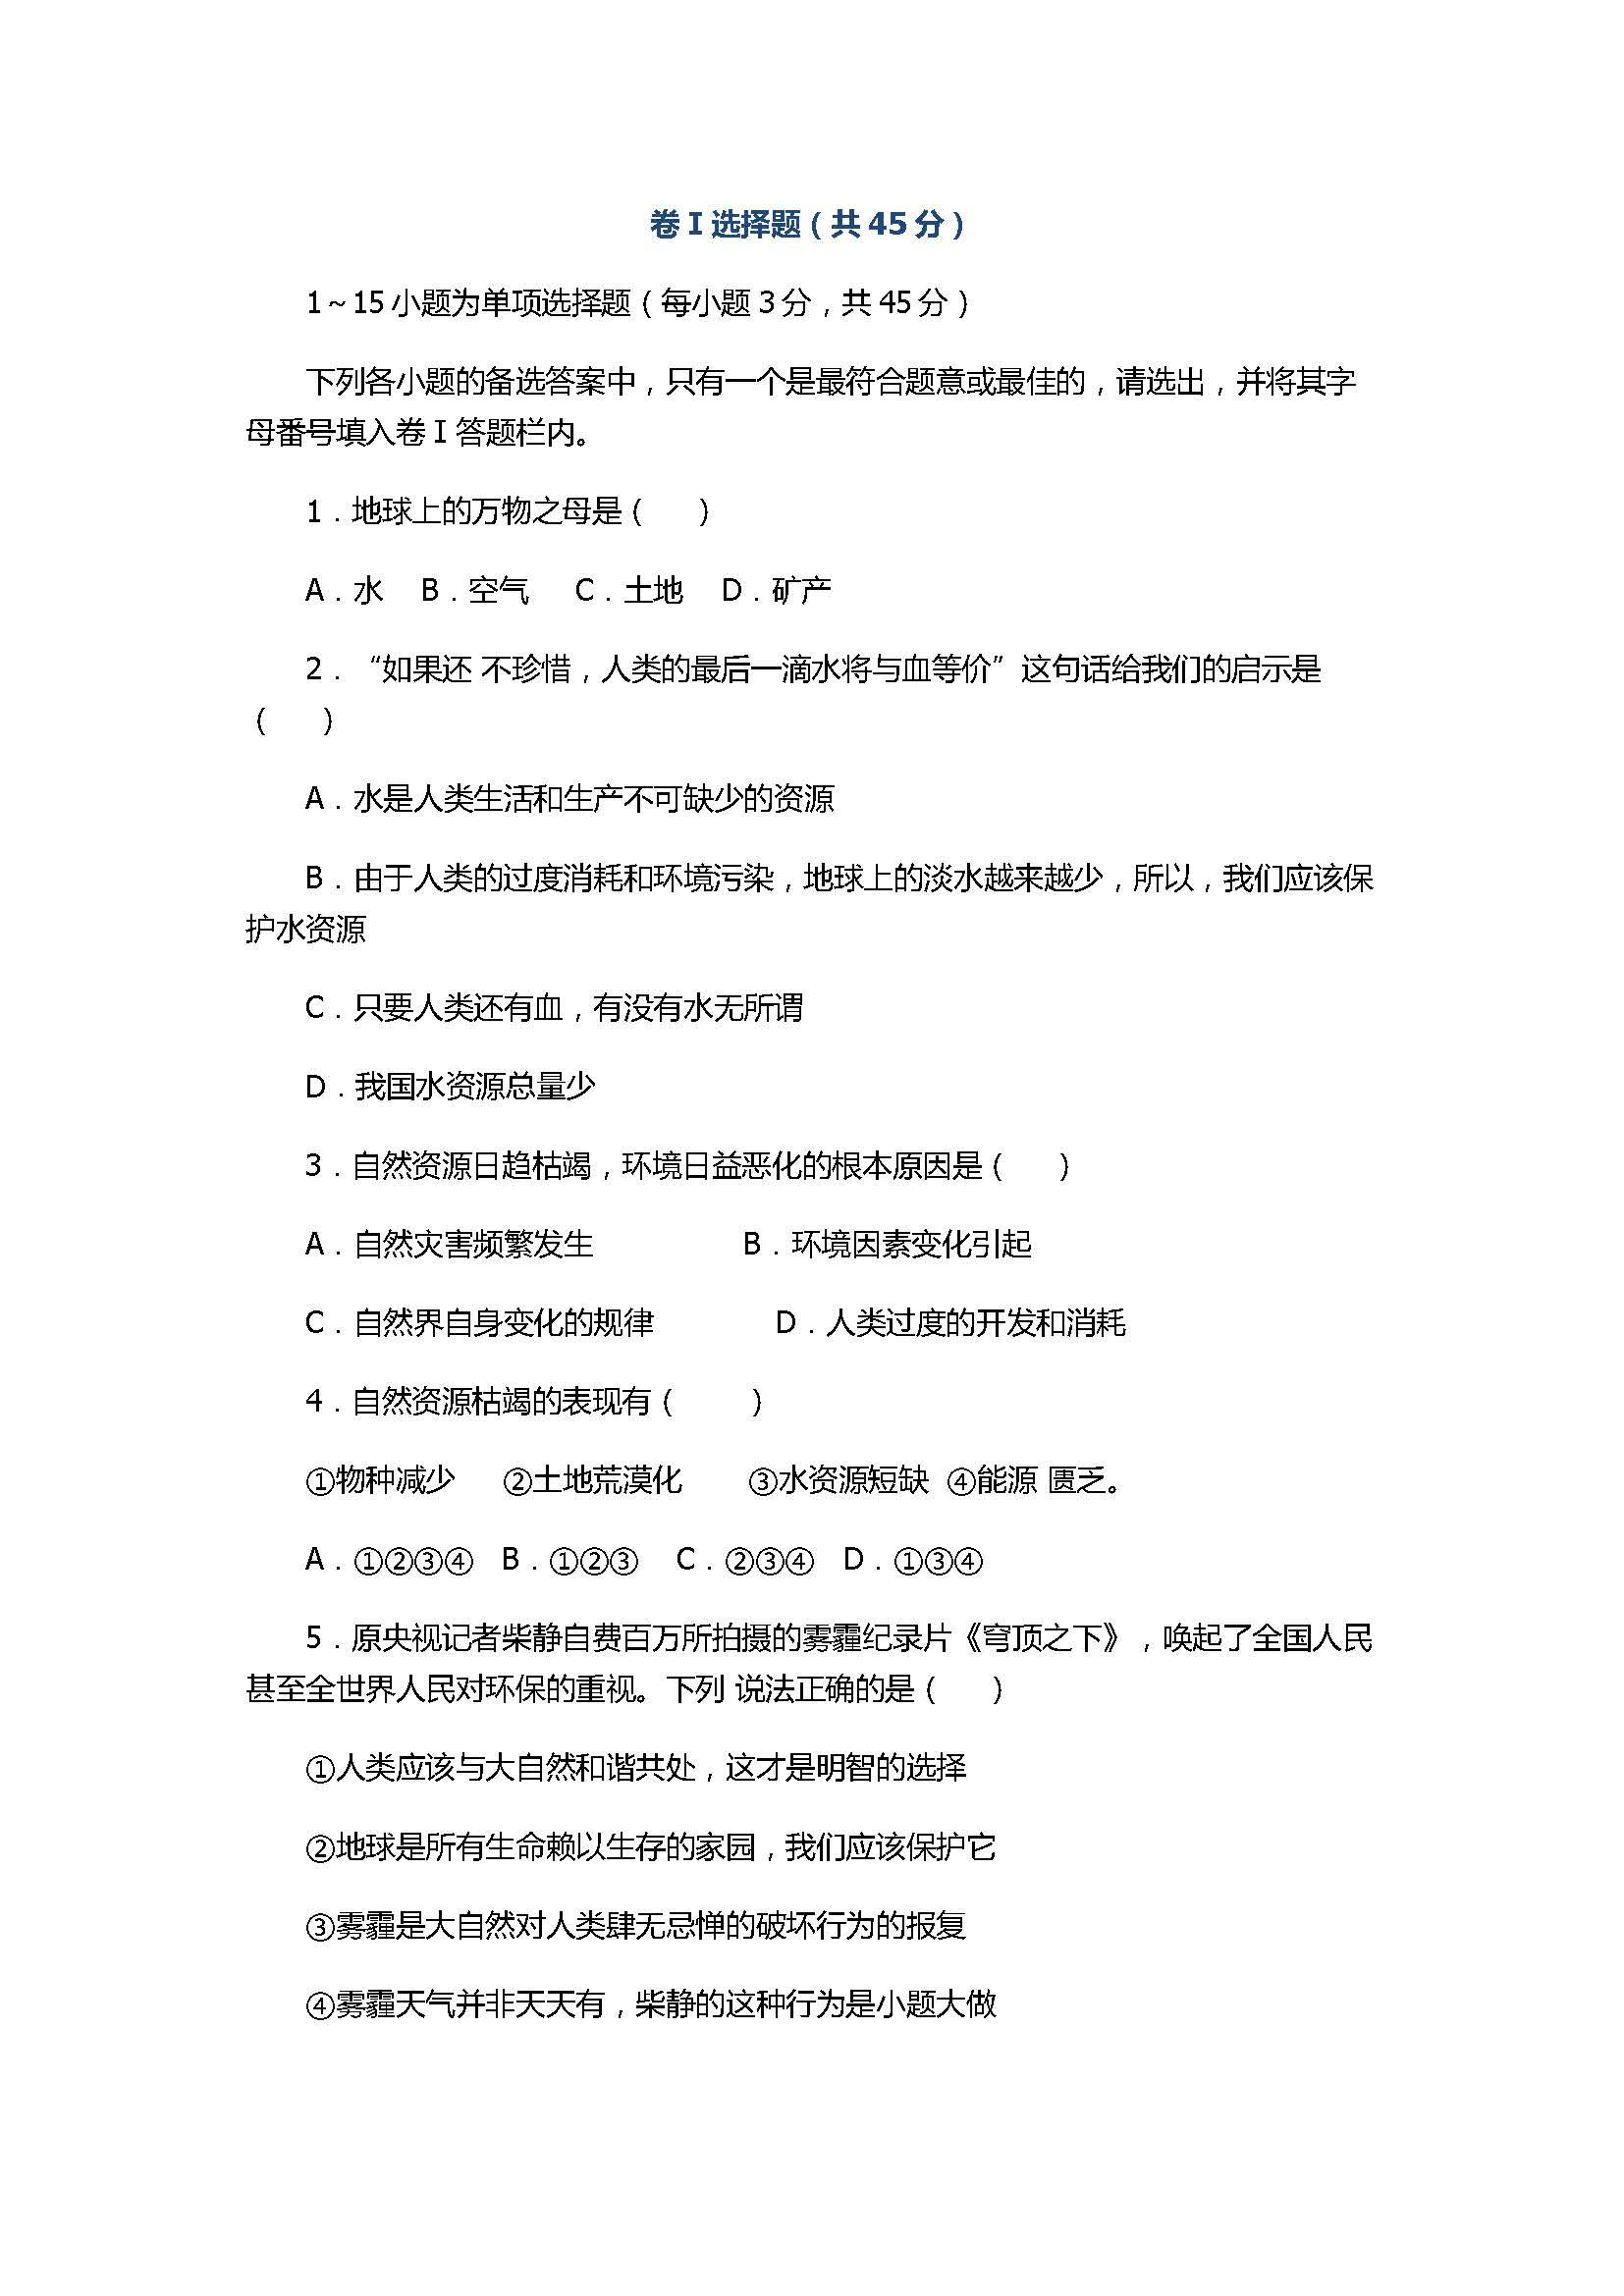 2017八年级思想品德下册期中试卷附参考答案(岳池县)